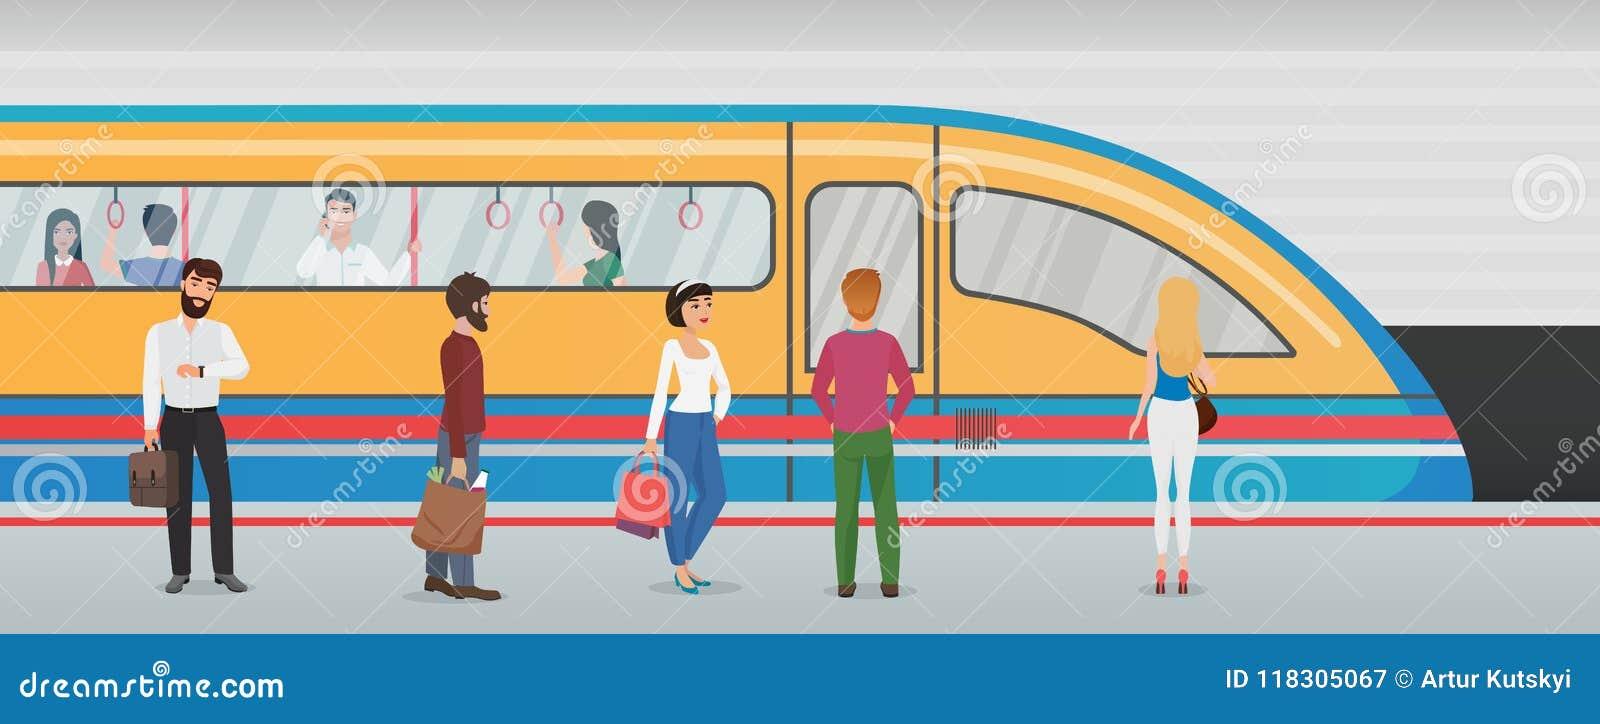 Plataforma do metro do metro com trem e povos na estação subterrânea Conceito urbano do vetor do metro com passageiros